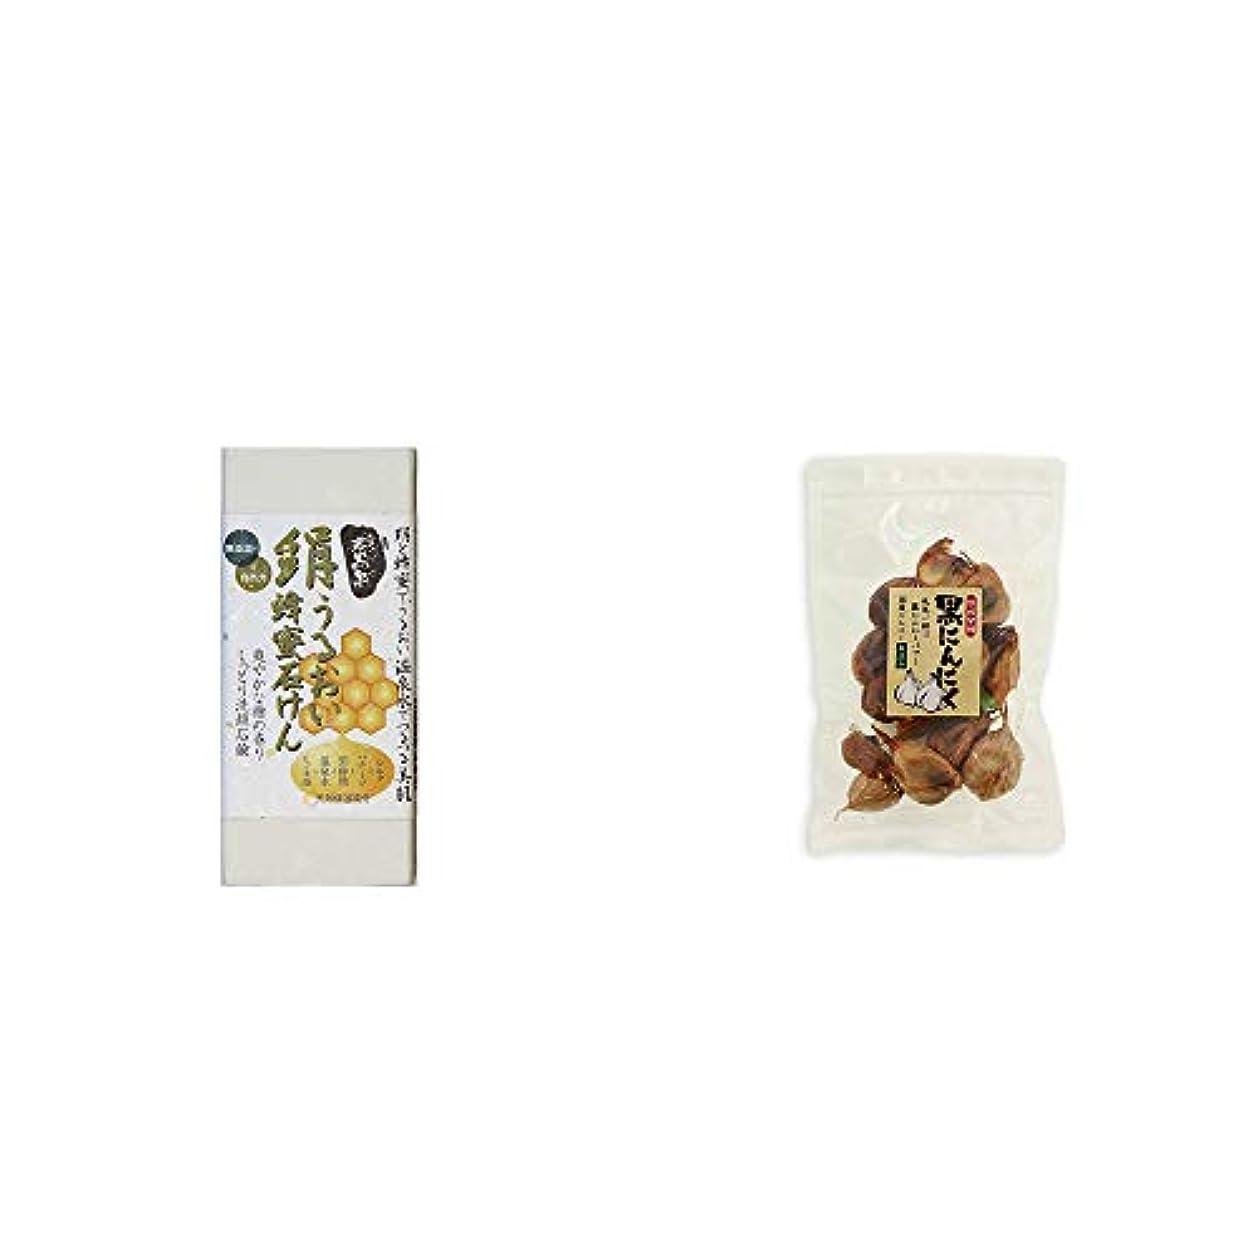 寝てる宿泣く[2点セット] ひのき炭黒泉 絹うるおい蜂蜜石けん(75g×2)?熟成発酵 黒にんにく(120g)